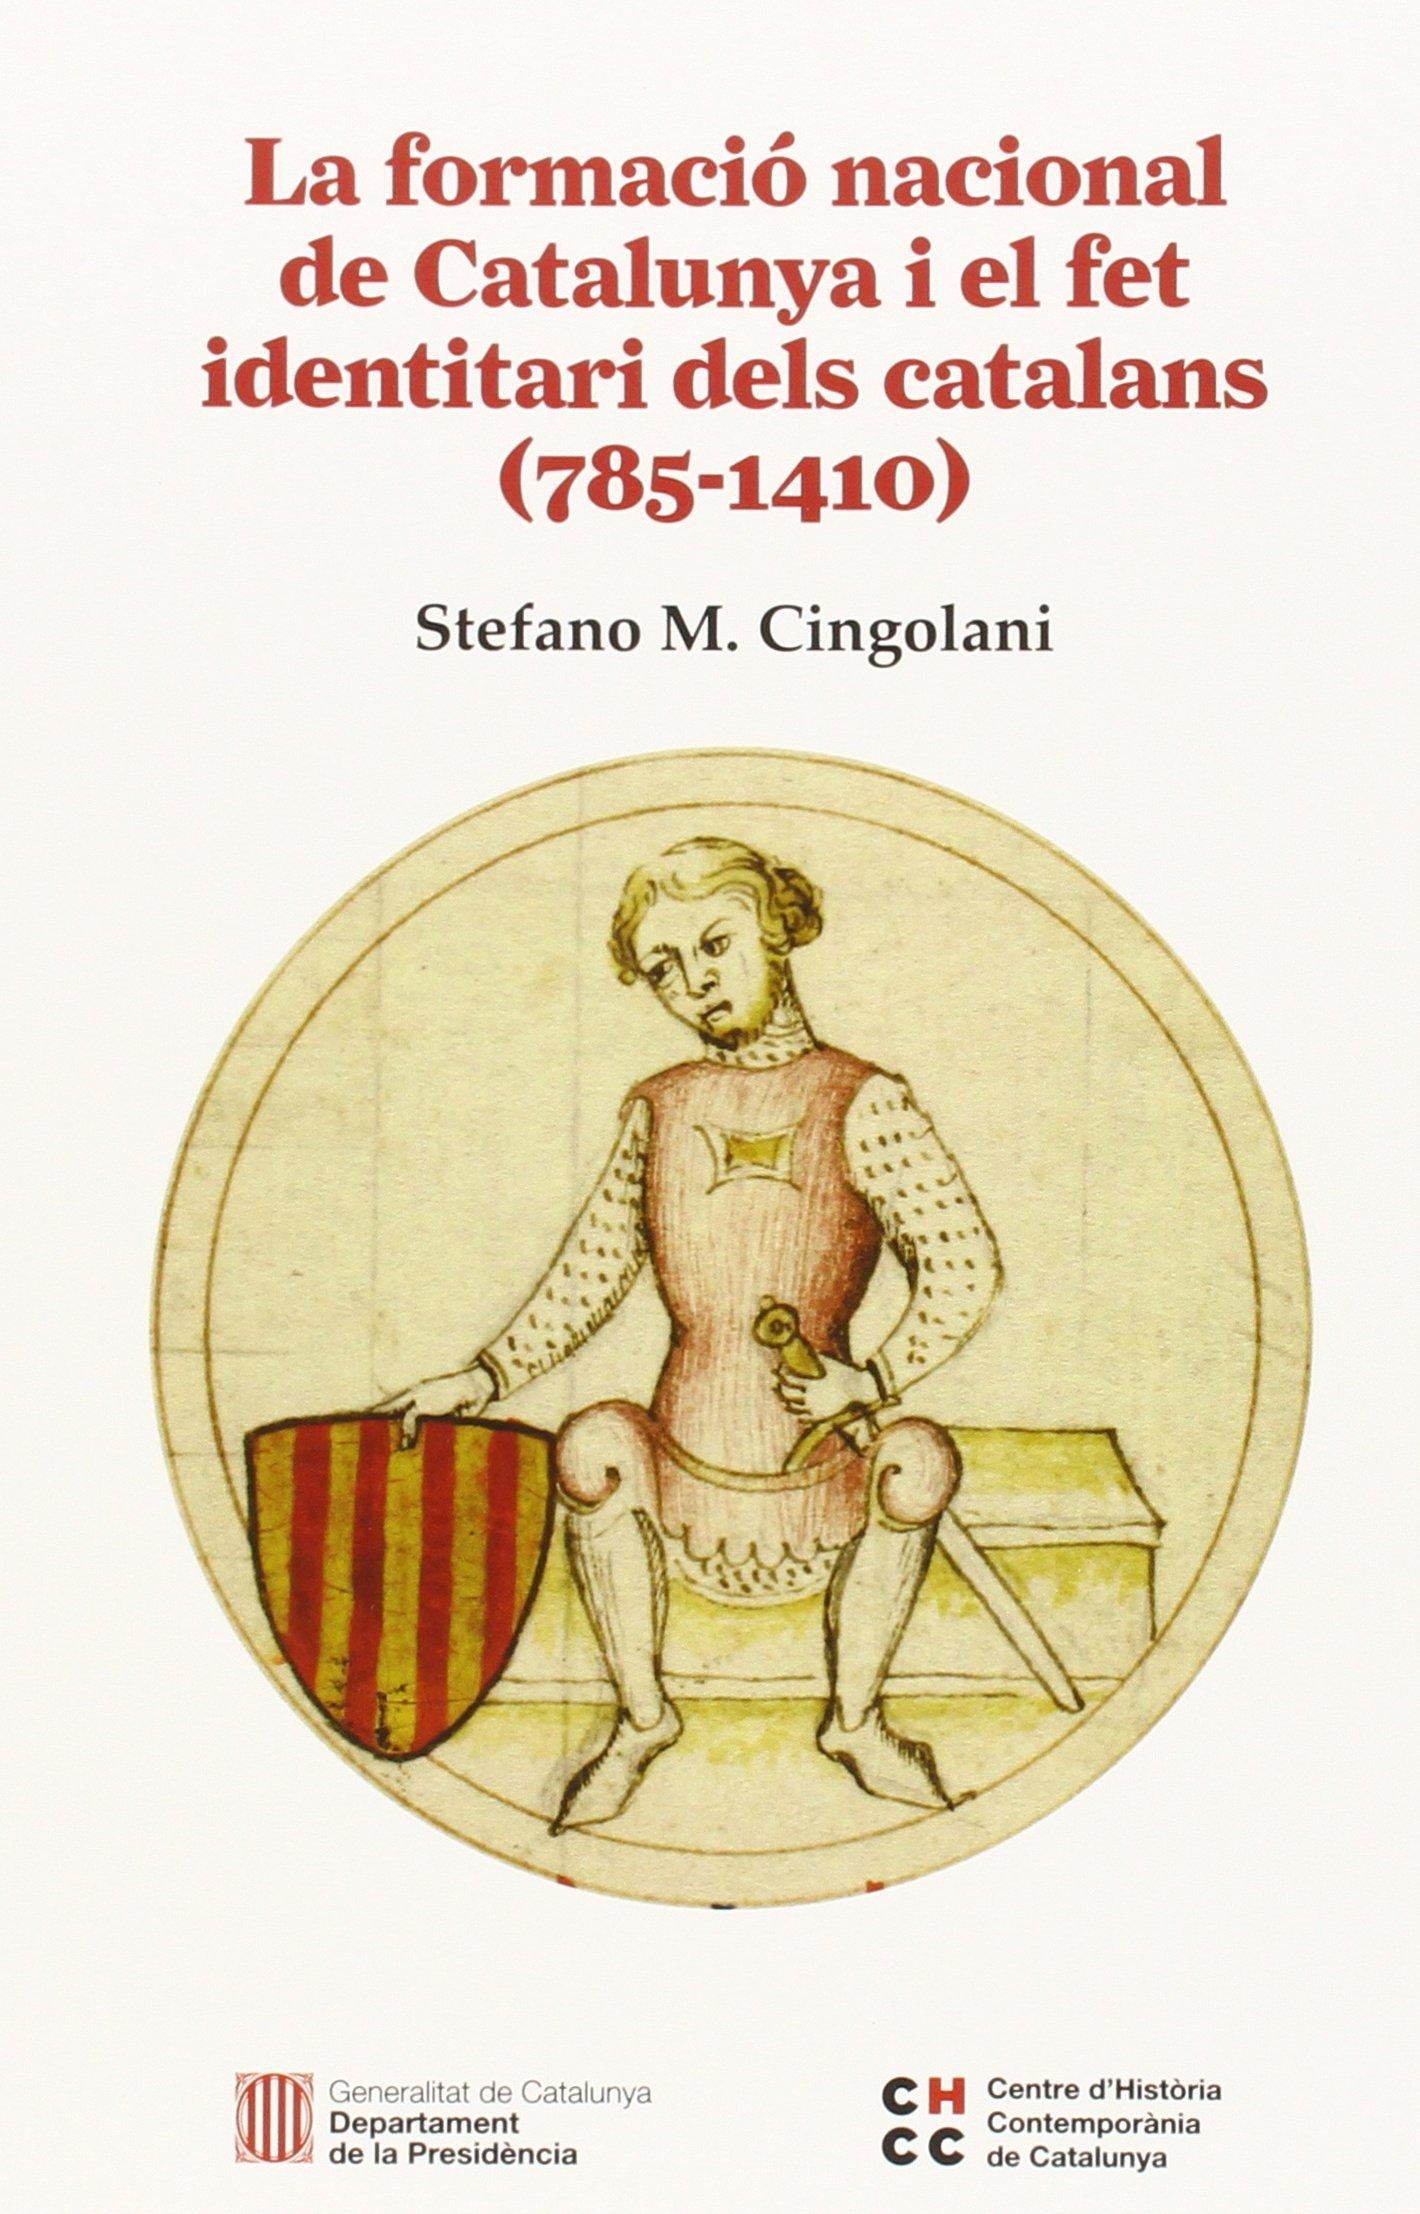 La formació nacional de Catalunya i el fet identitari dels catalans (785-1410) (El fet identitari català al llarg de la història, #1)  by  Stefano Maria Cingolani